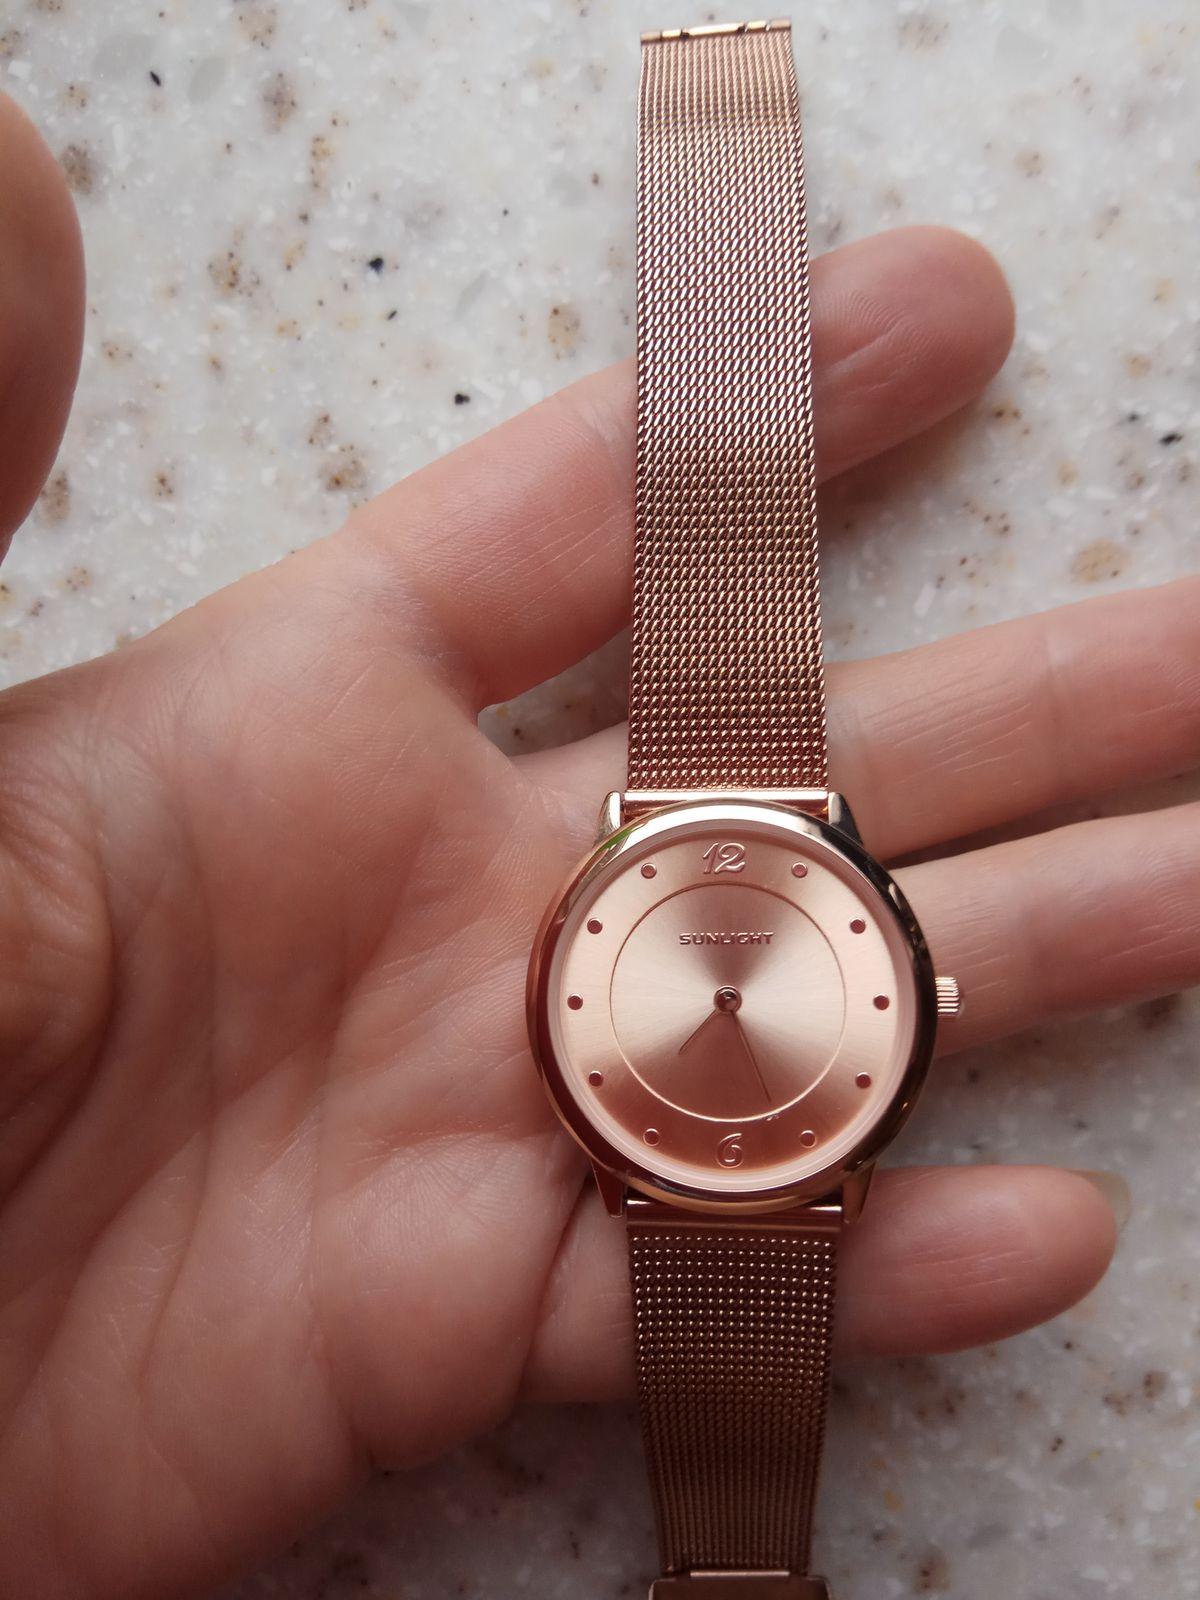 Часики, механика, на каждый день, любителям точного времени.